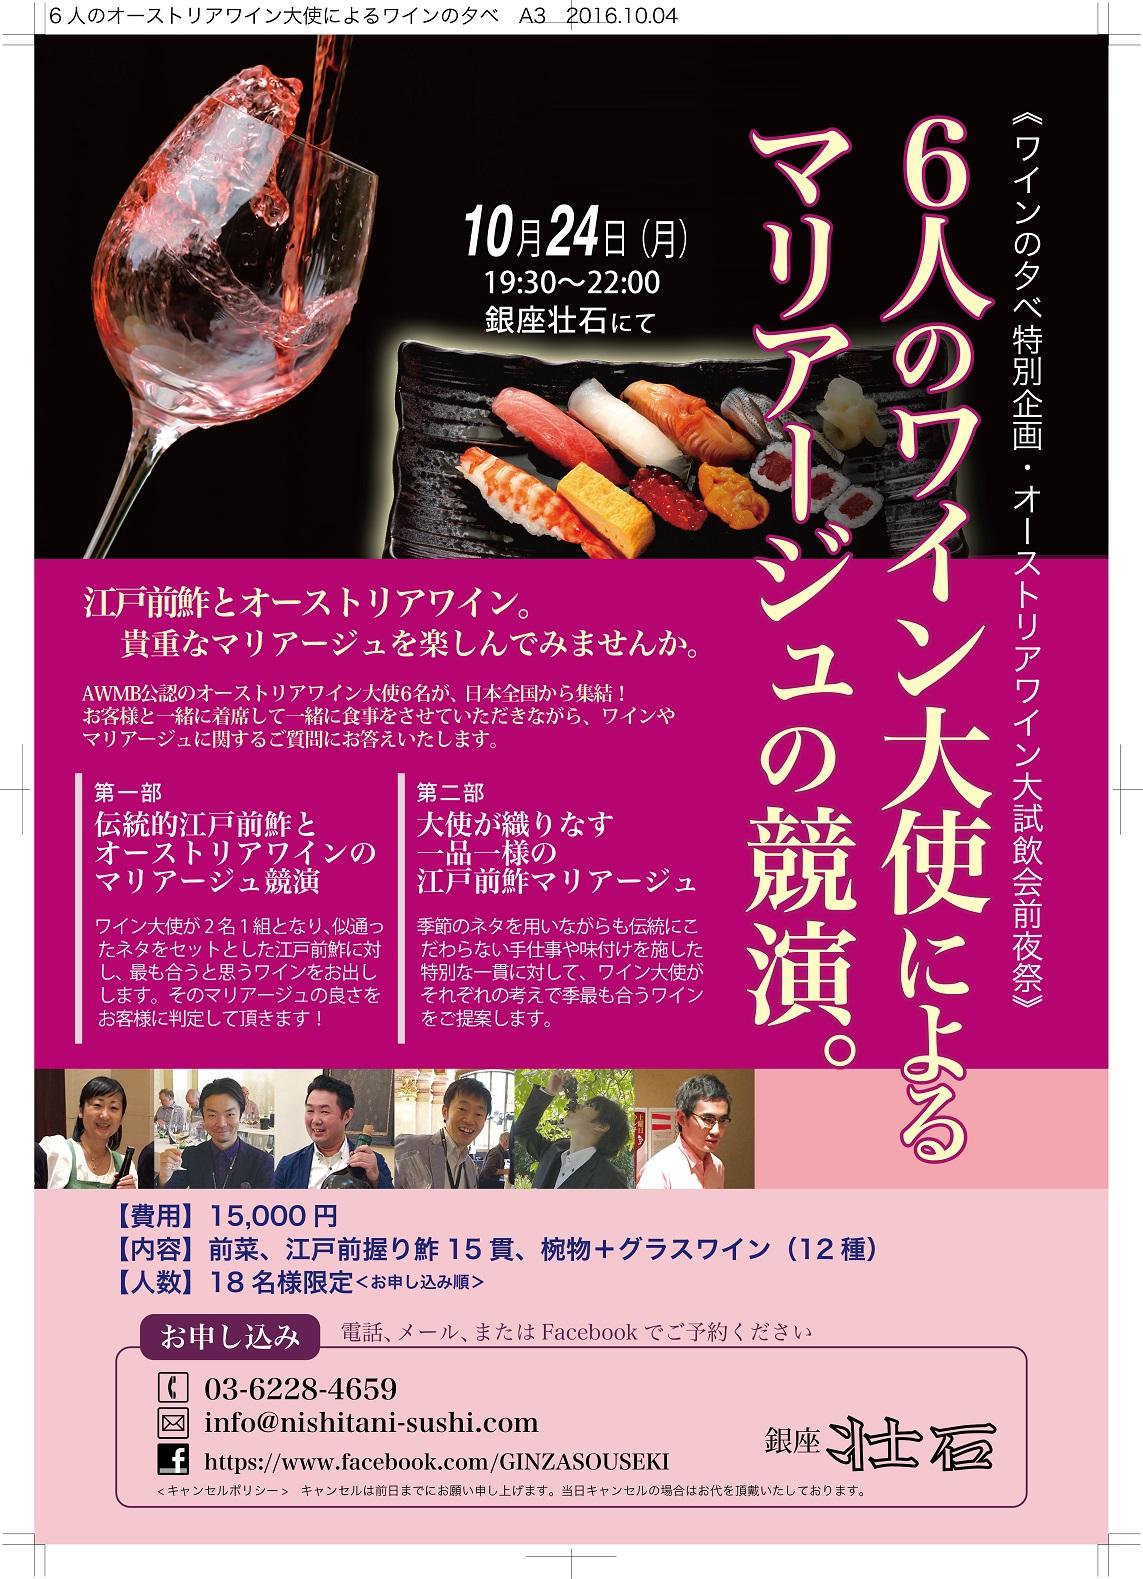 6人のワイン大使ワインの夕べポスター